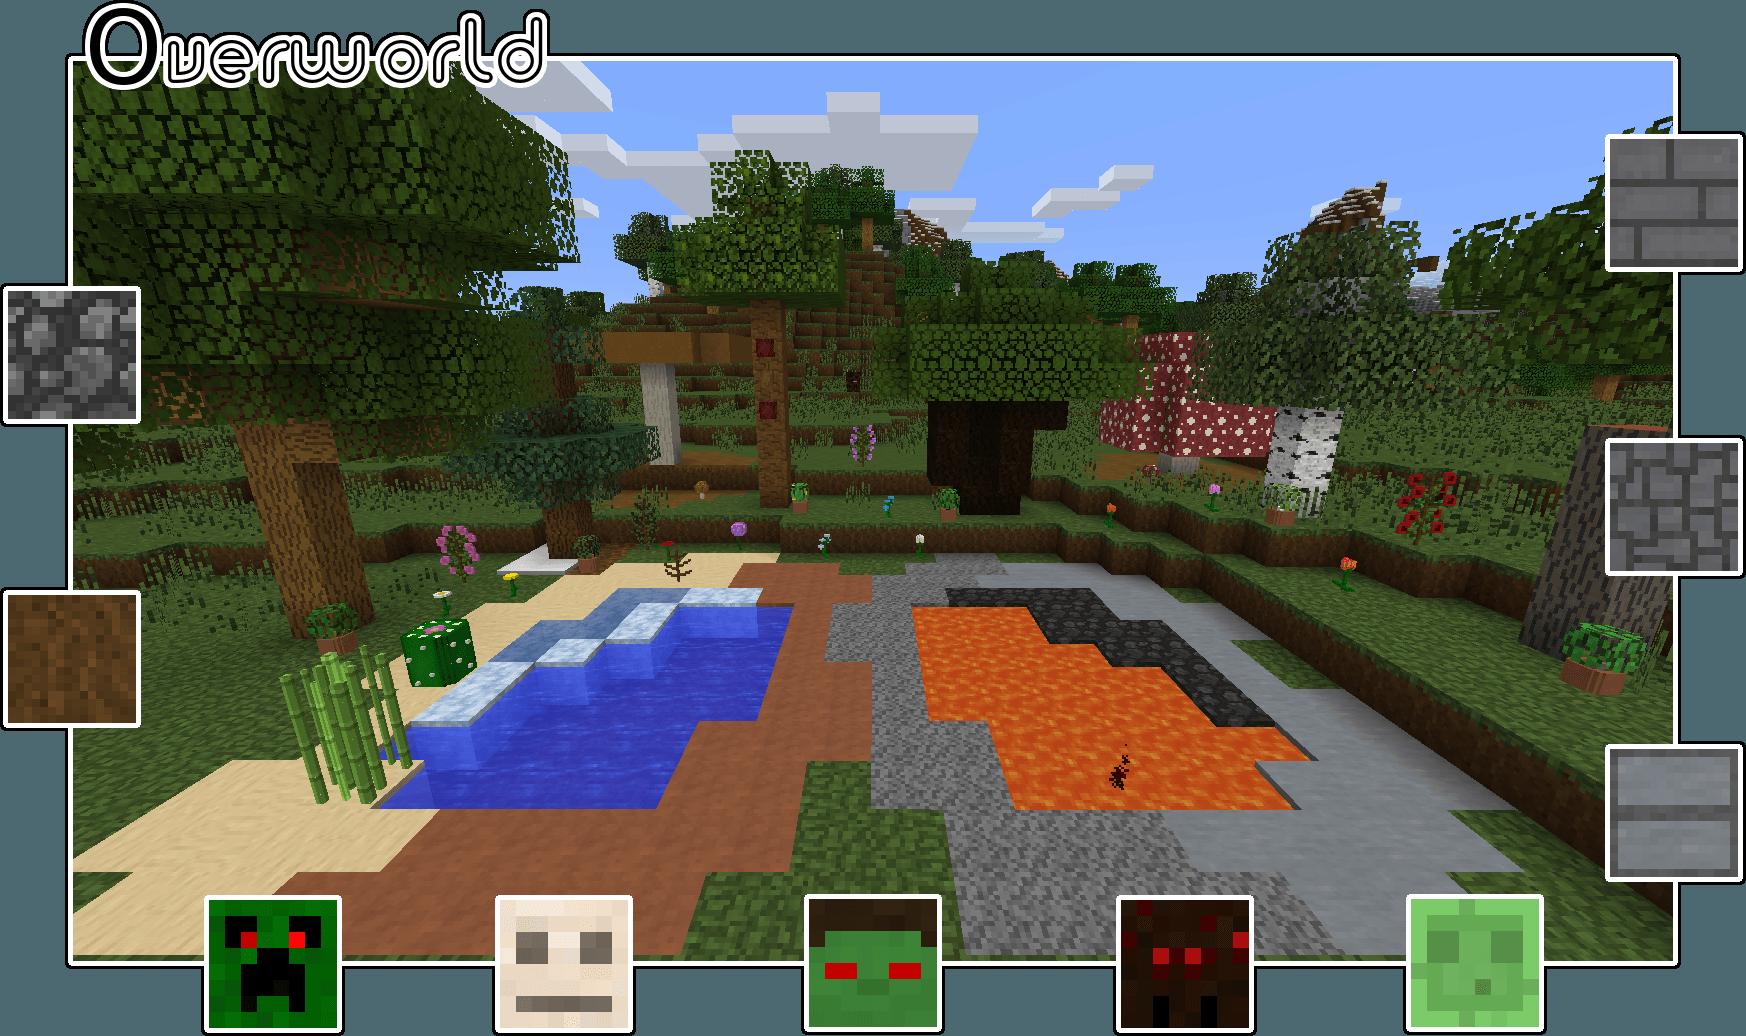 overworld-2